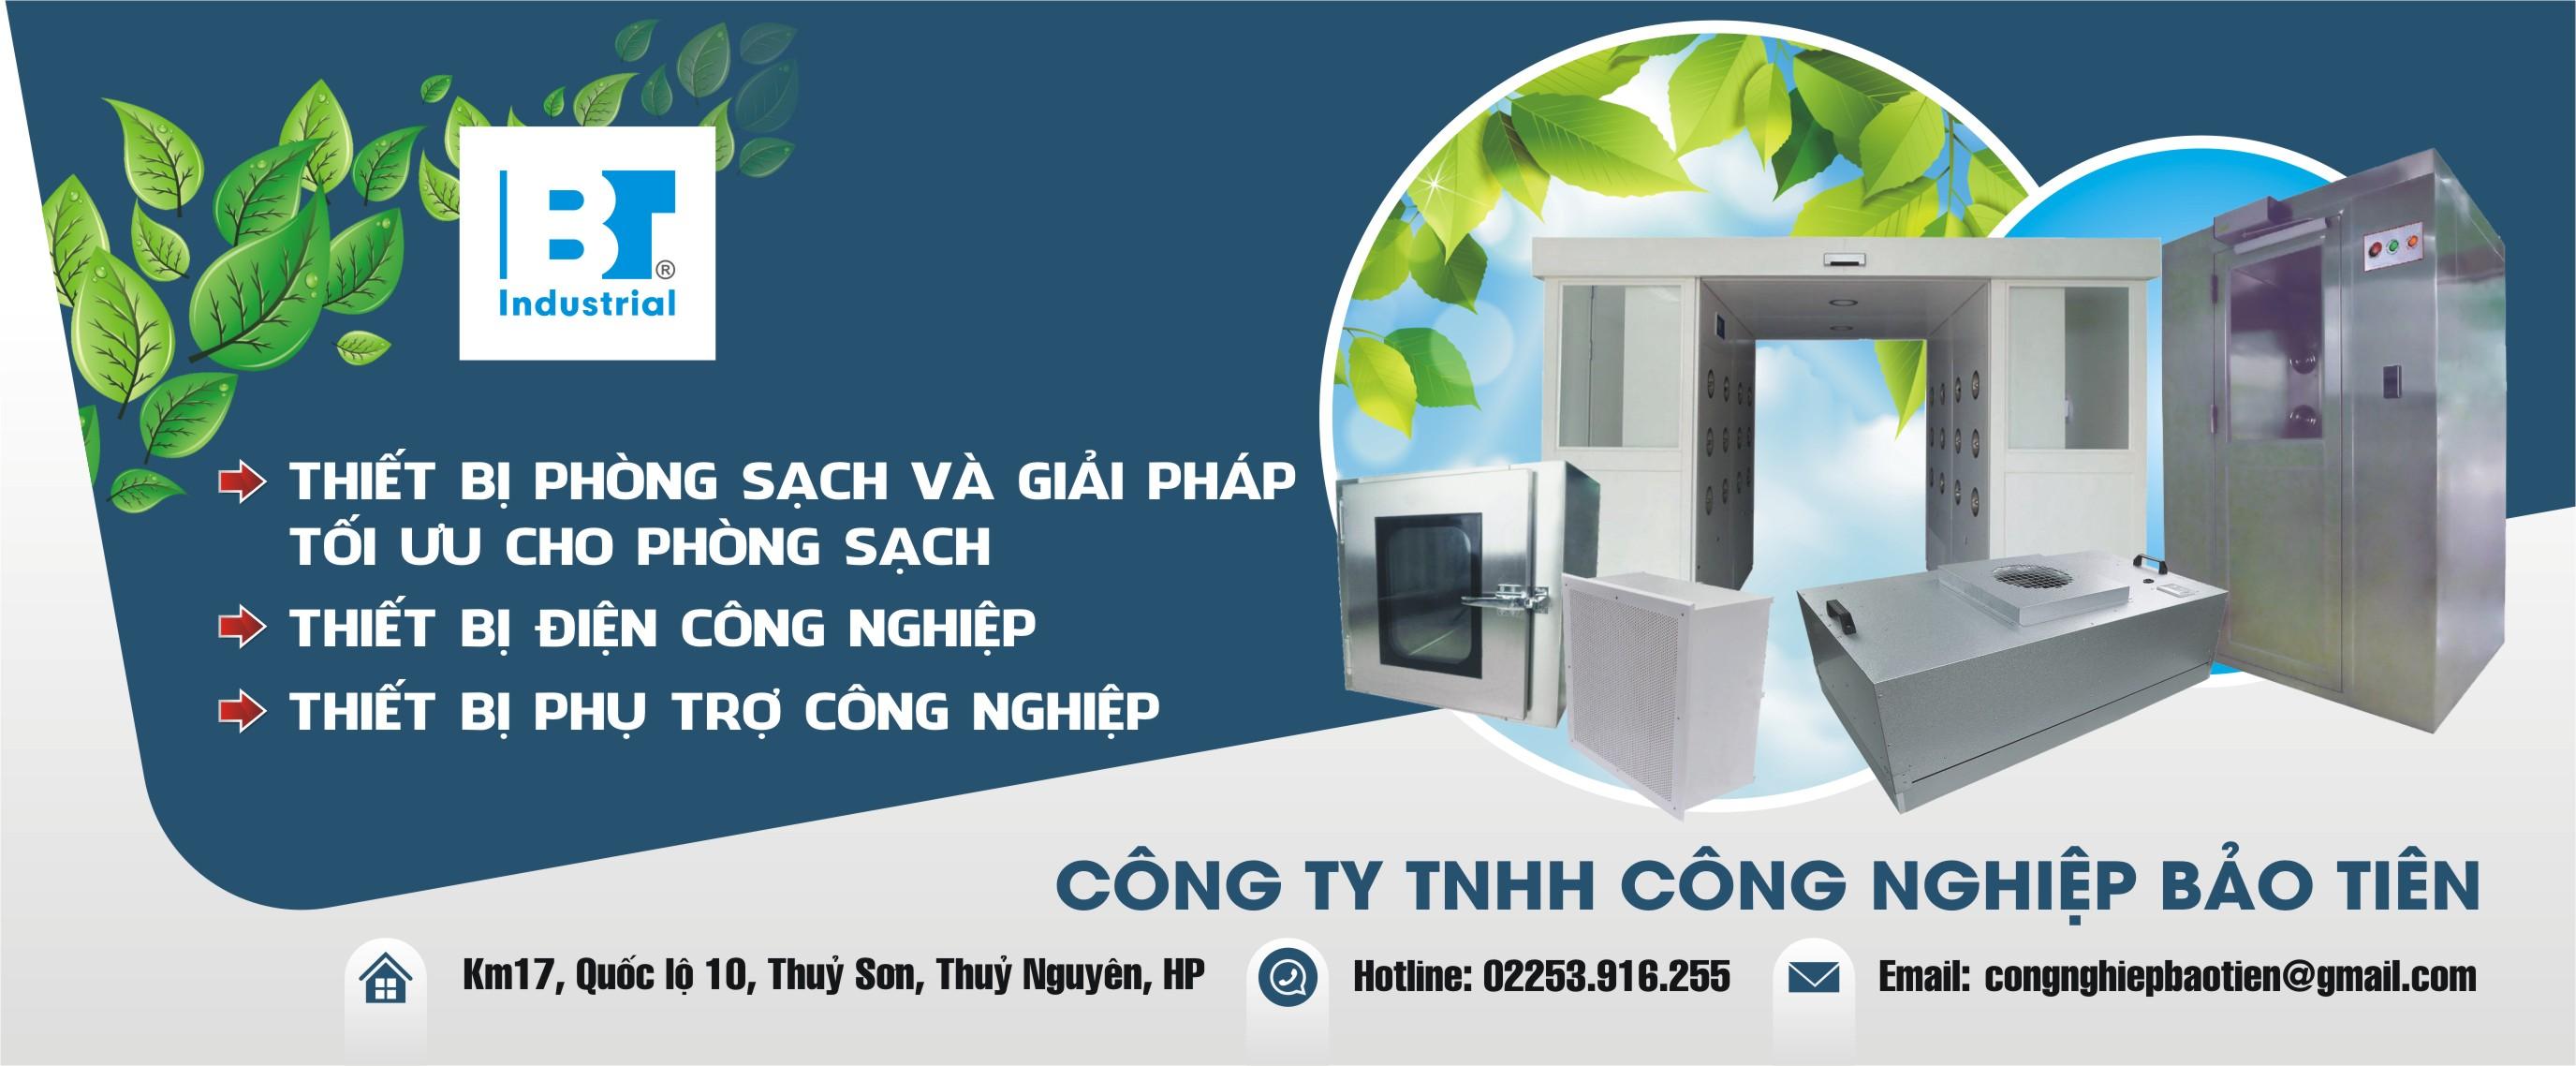 Công ty TNHH Công nghiệp Bảo Tiên